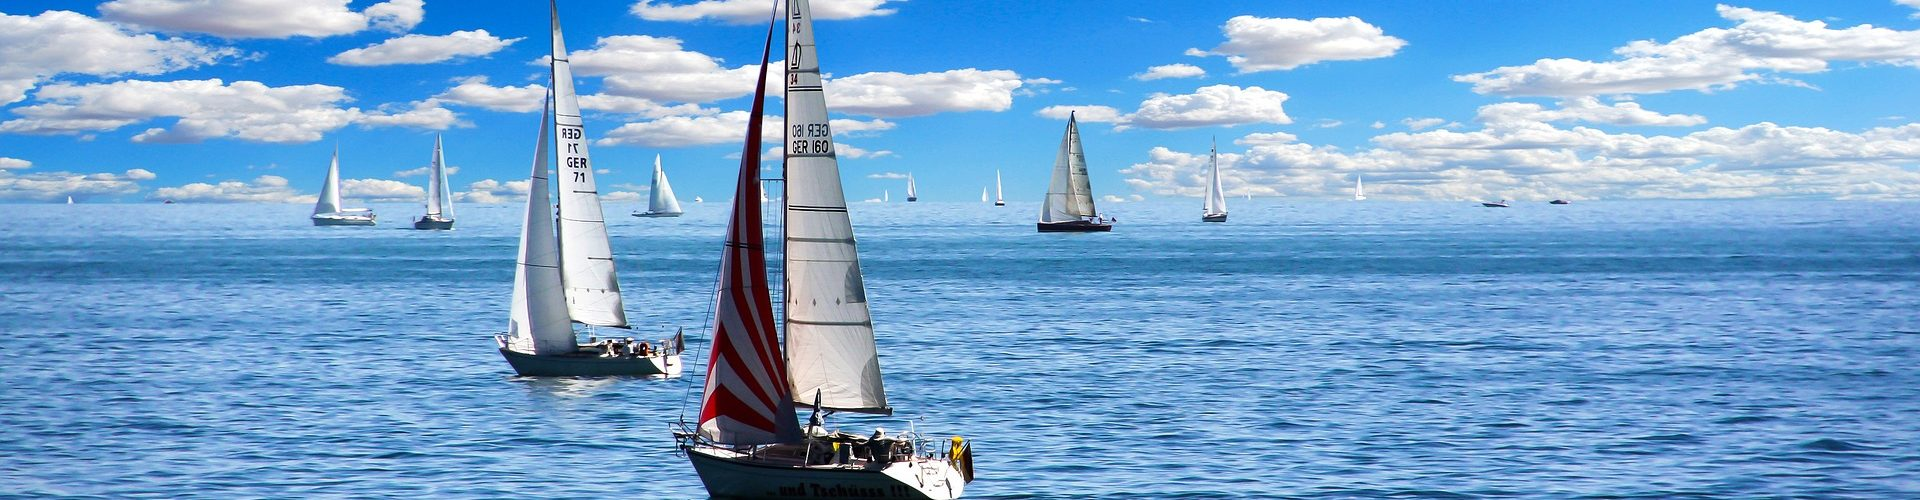 segeln lernen in Soest segelschein machen in Soest 1920x500 - Segeln lernen in Soest